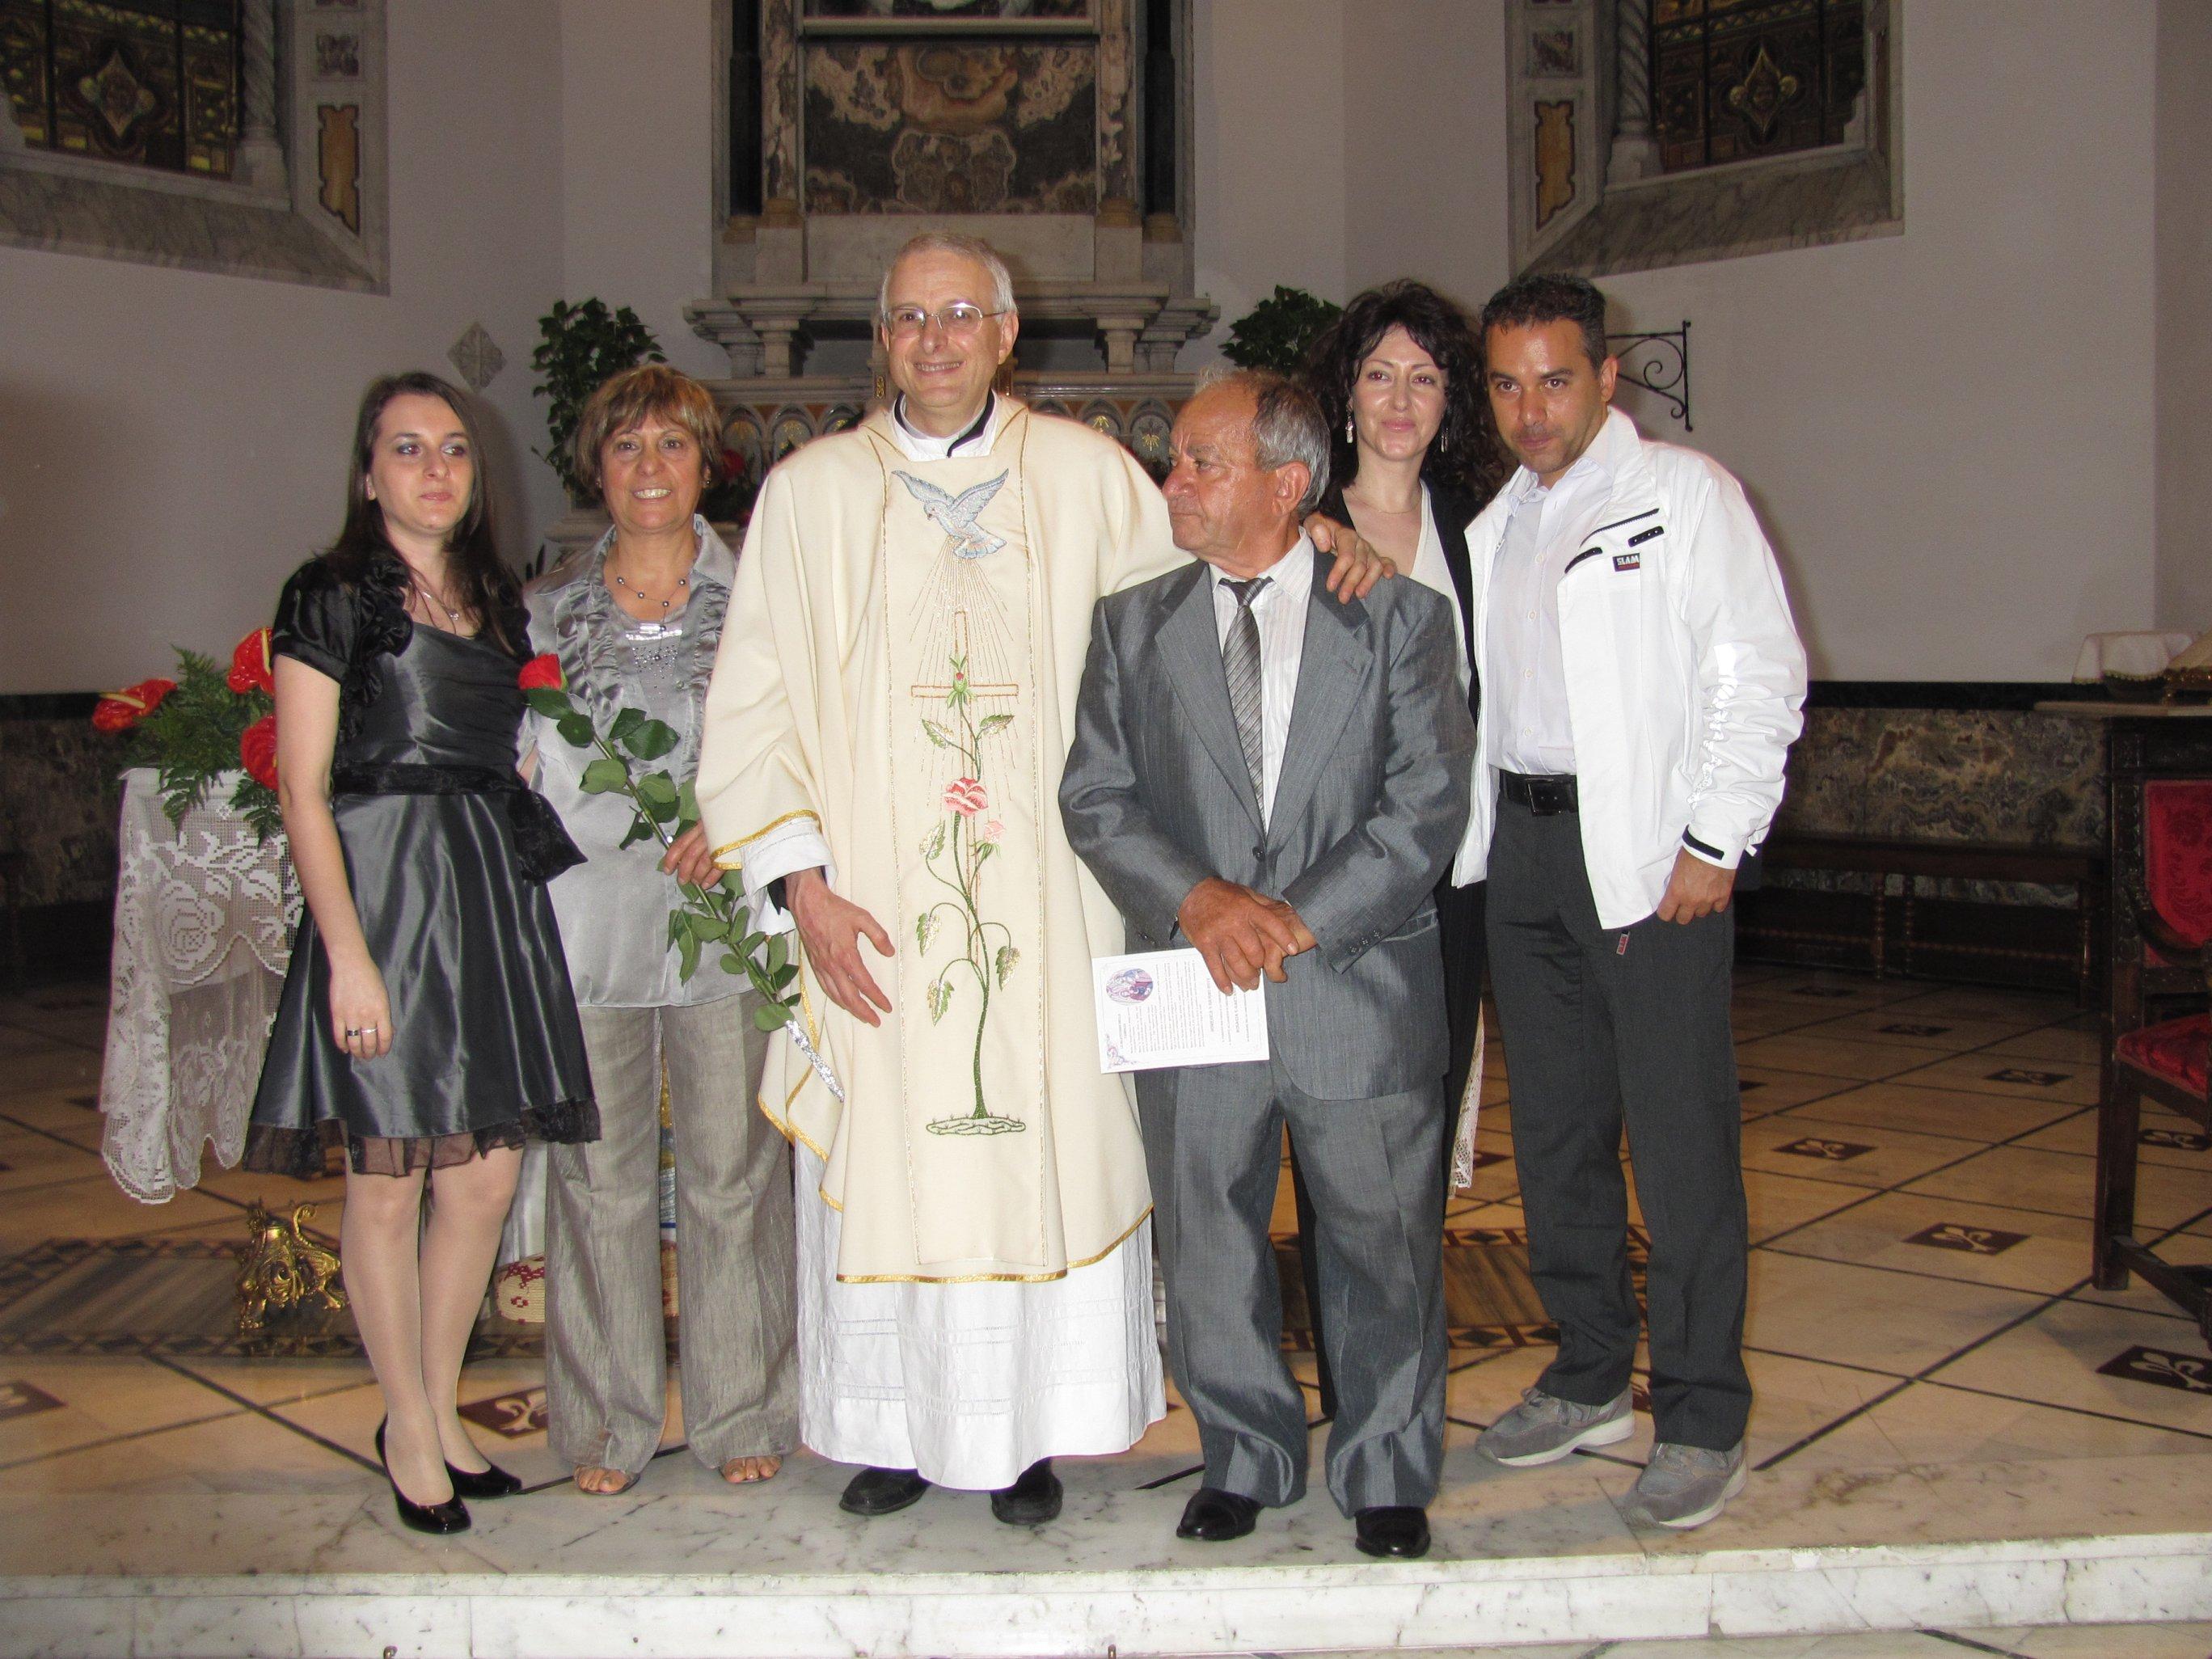 anniversari_di_matrimonio_e_di_ordinazione_2012-06-03-11-30-19